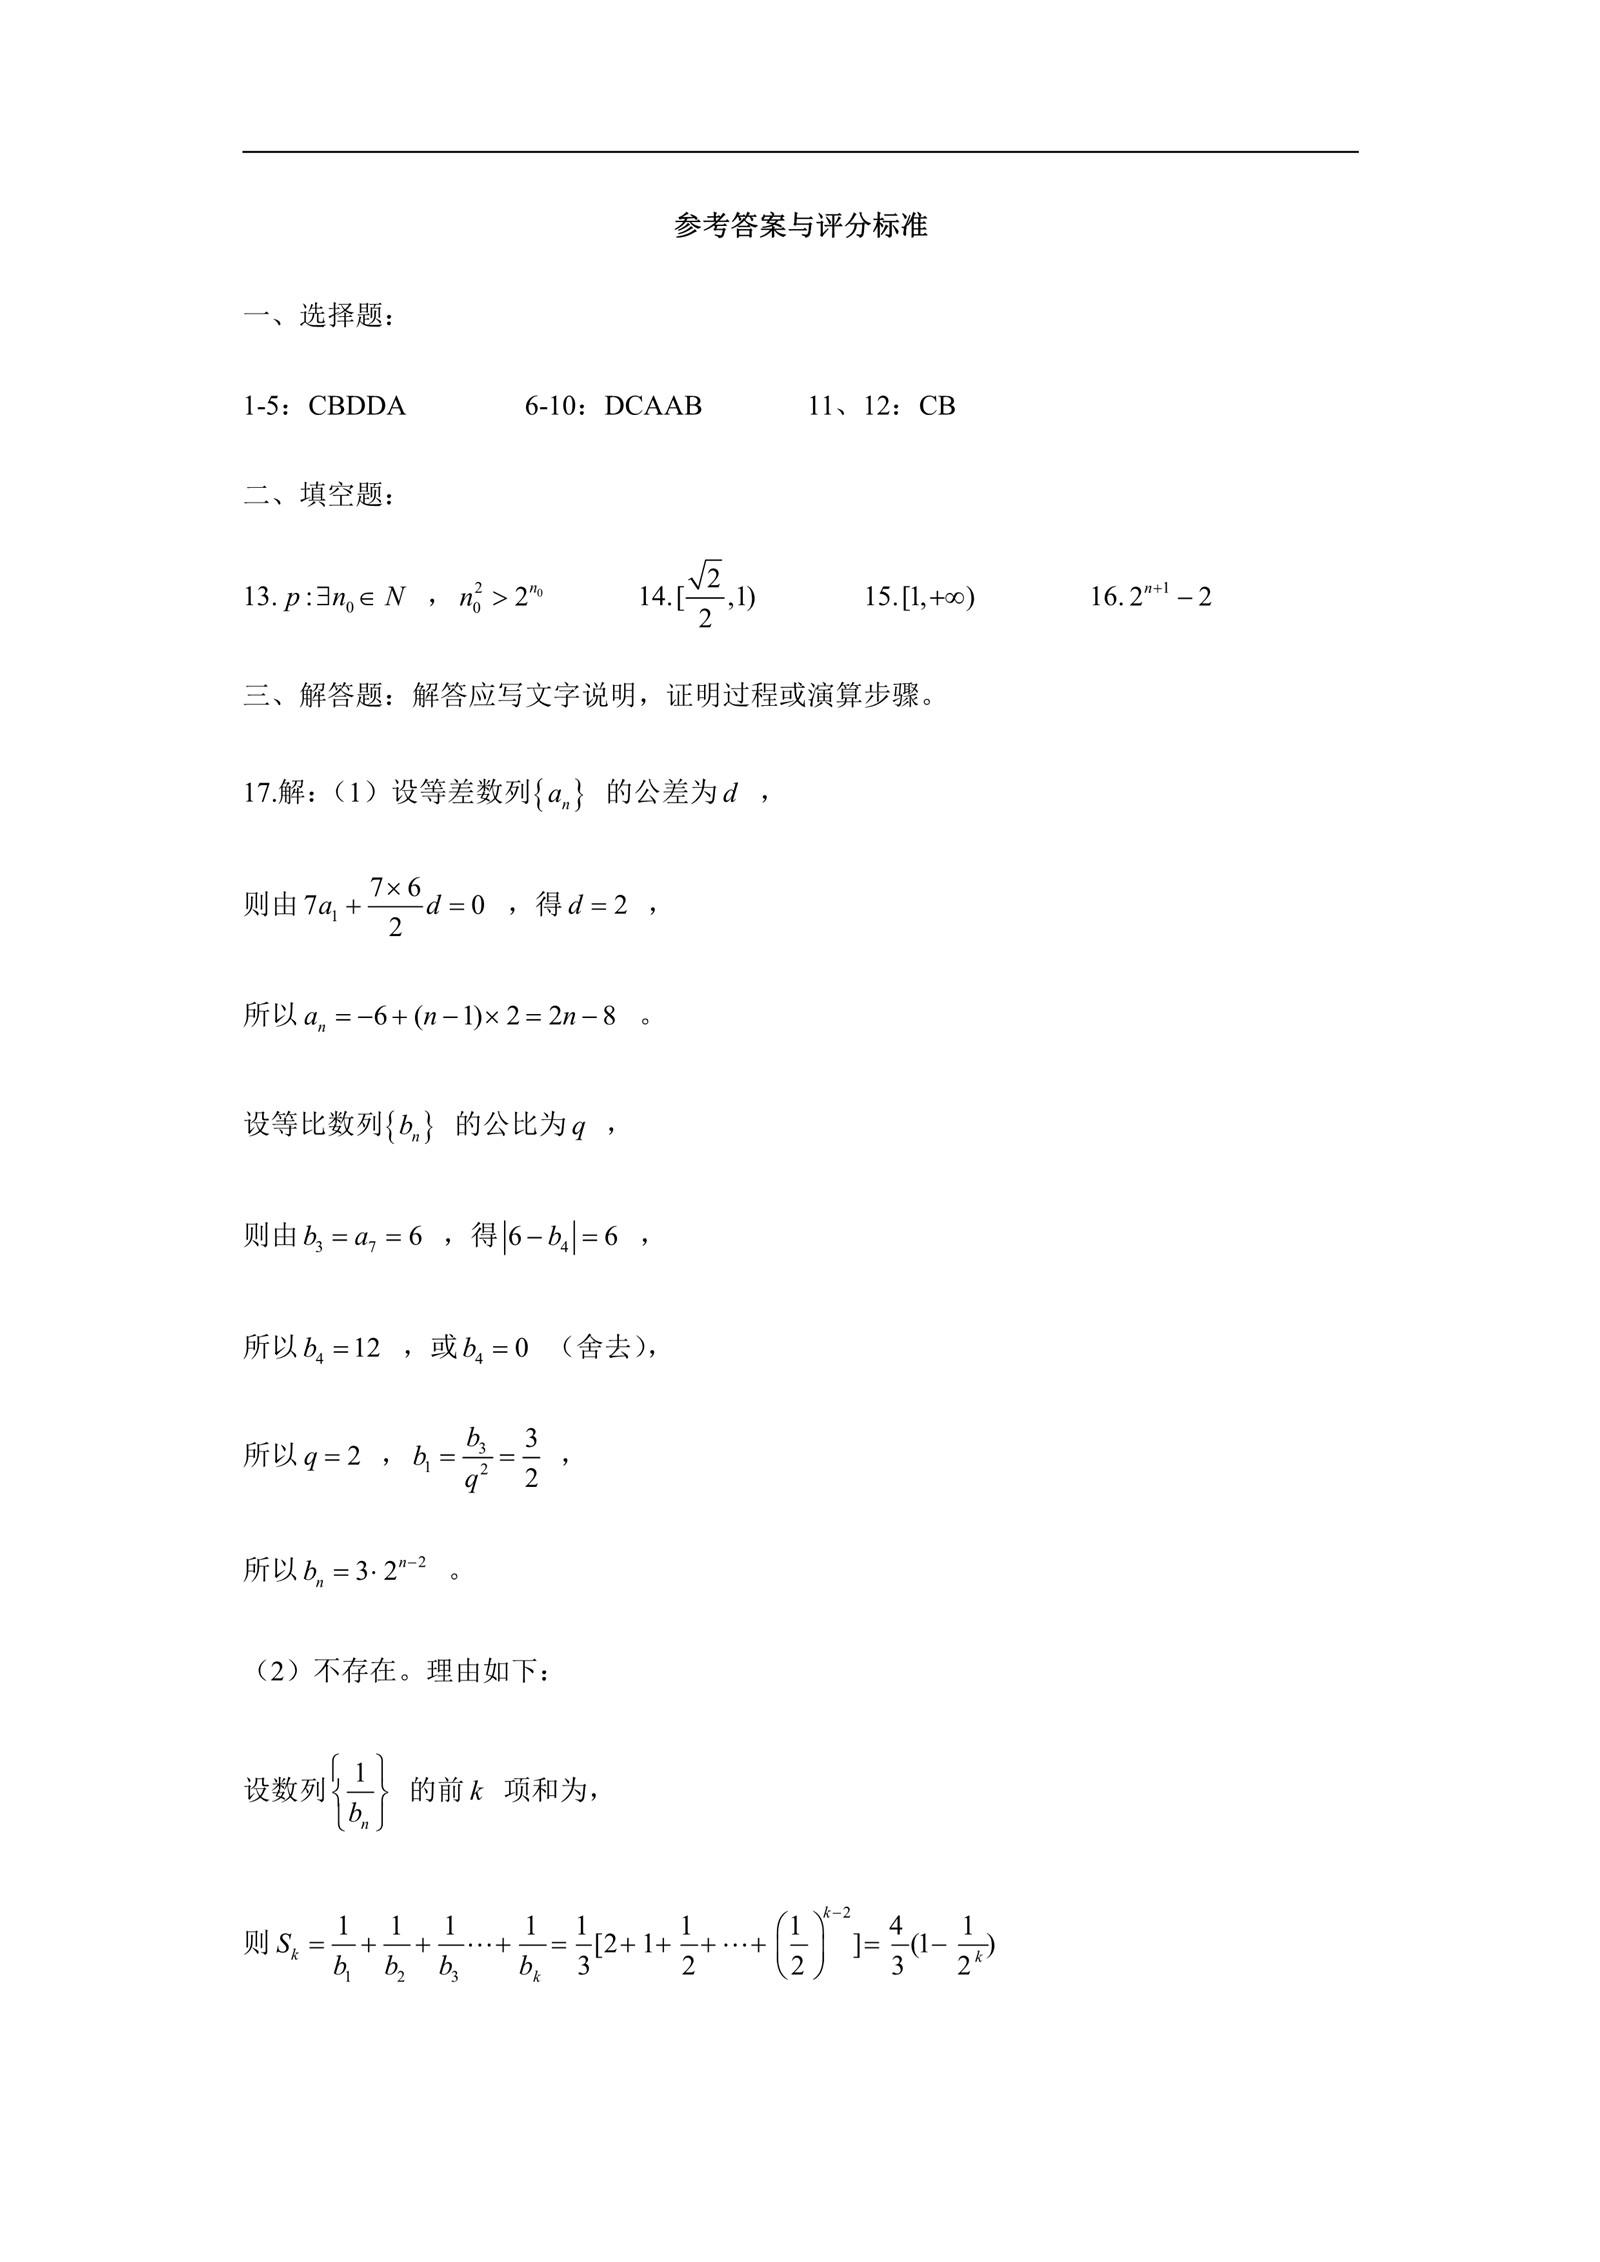 深圳高级中学2018-2019学年高三年级上学期第一次考试数学(理)试卷及答案_5.jpg.jpg